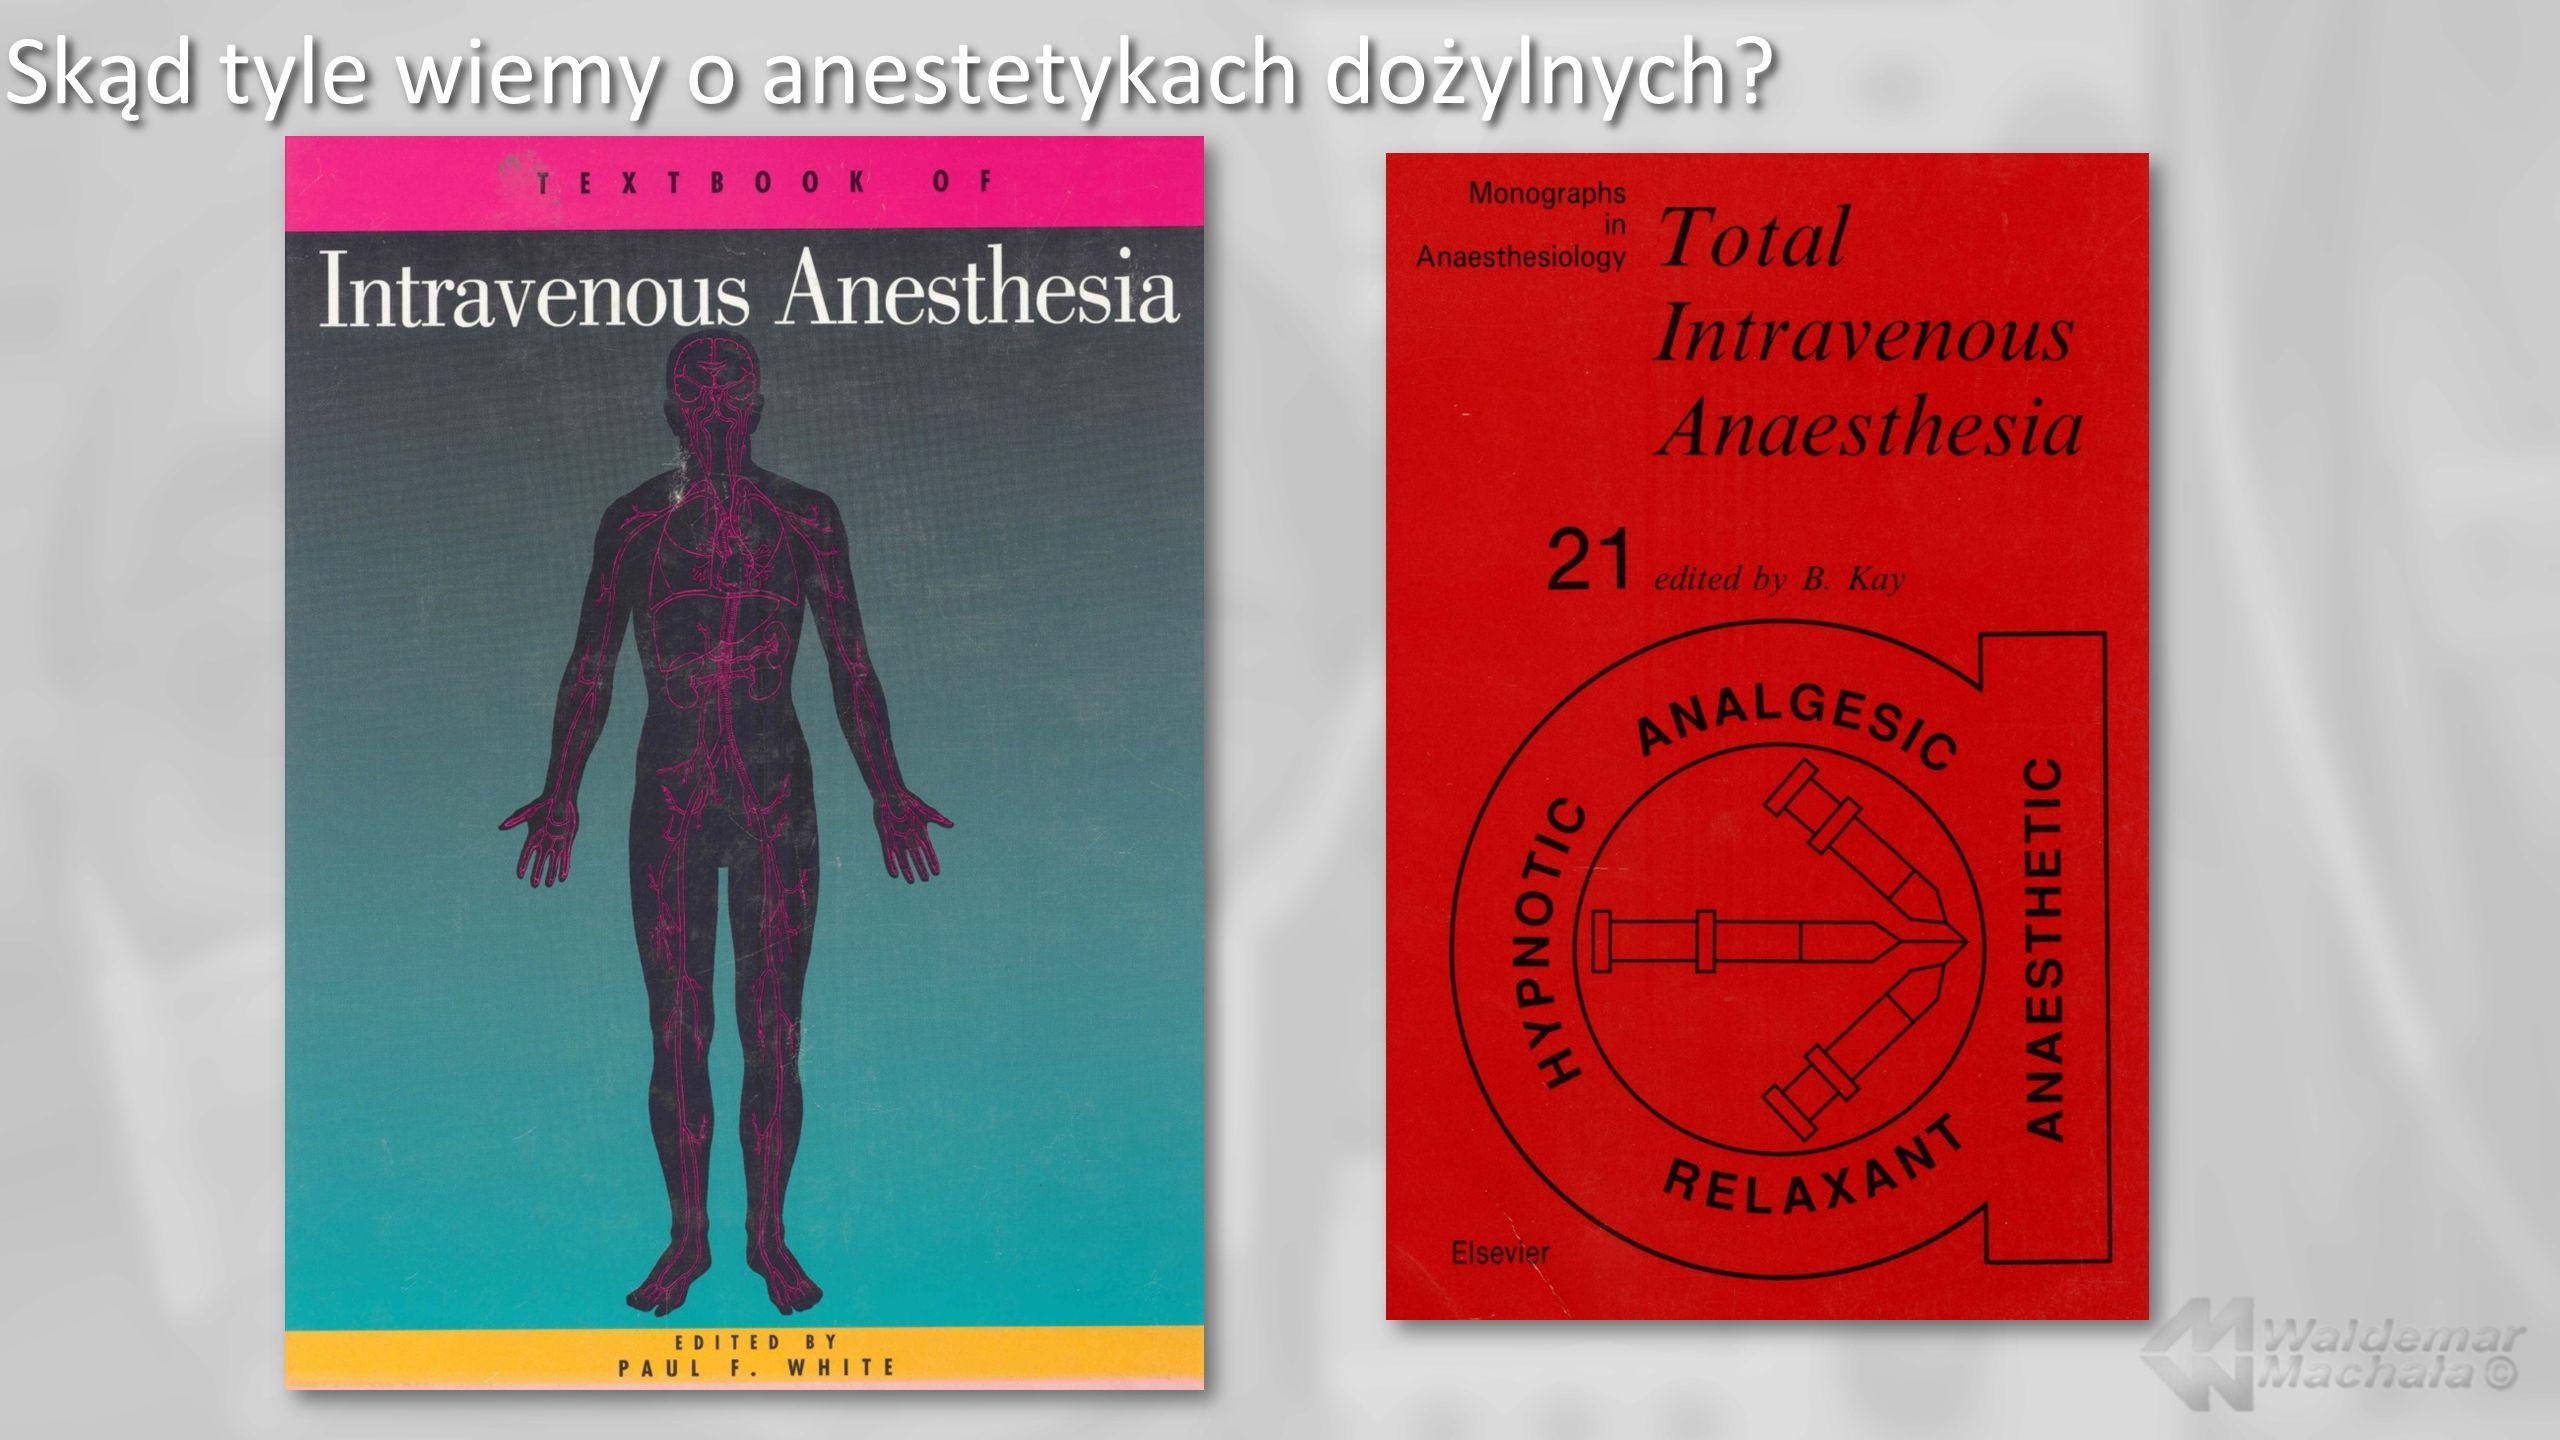 Skąd tyle wiemy o anestetykach dożylnych